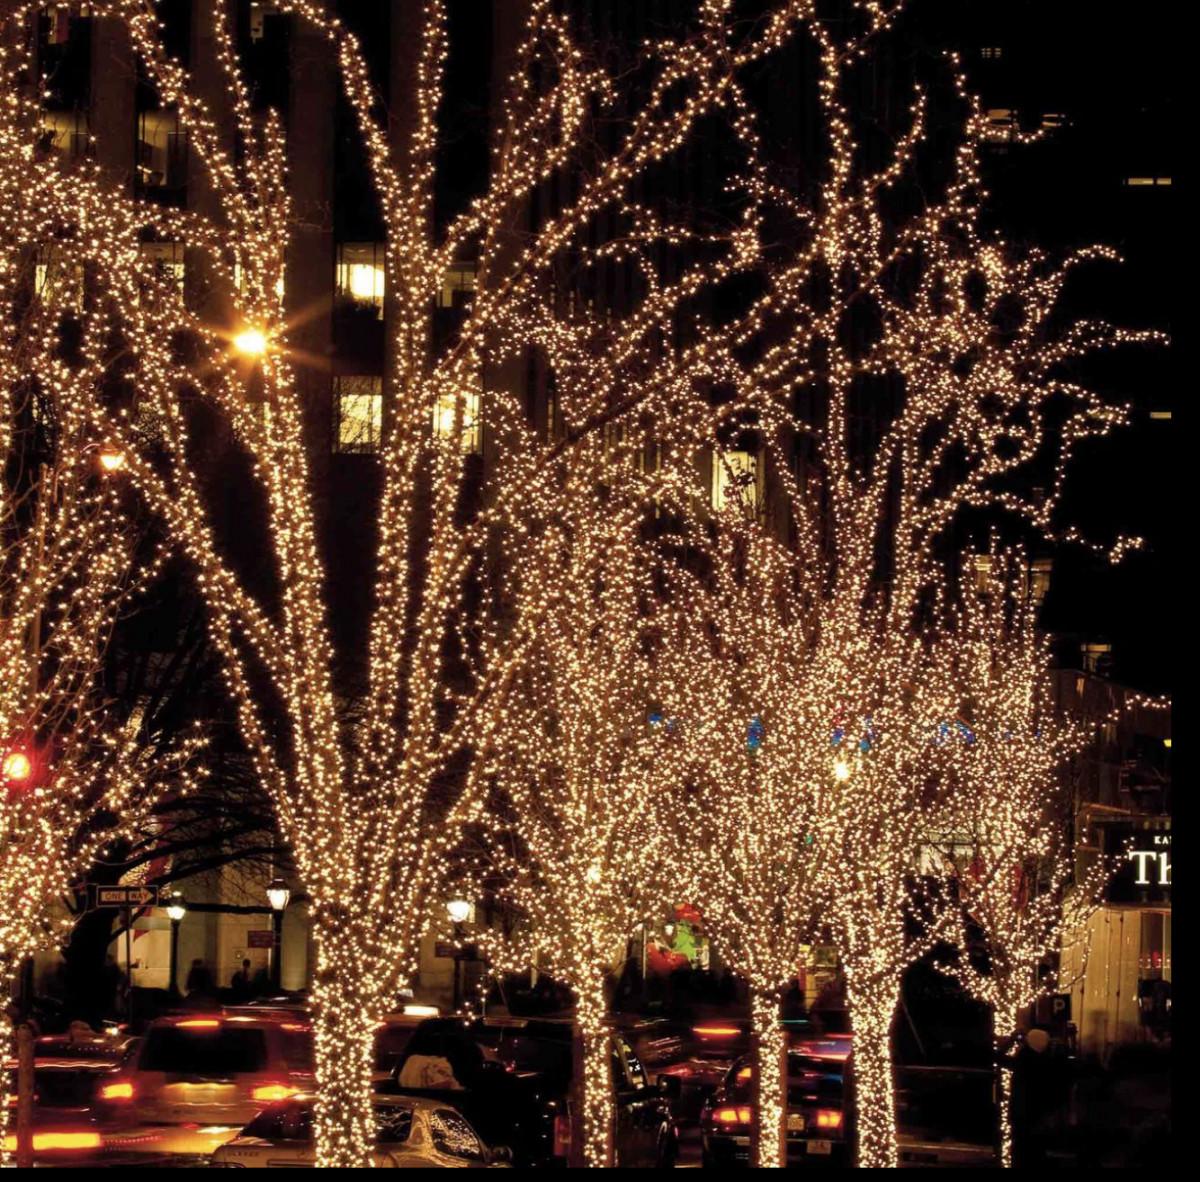 Уличная Гирлянда Нить Зеленый Провод 600 LED Лампочек Цвет в Ассортименте sale